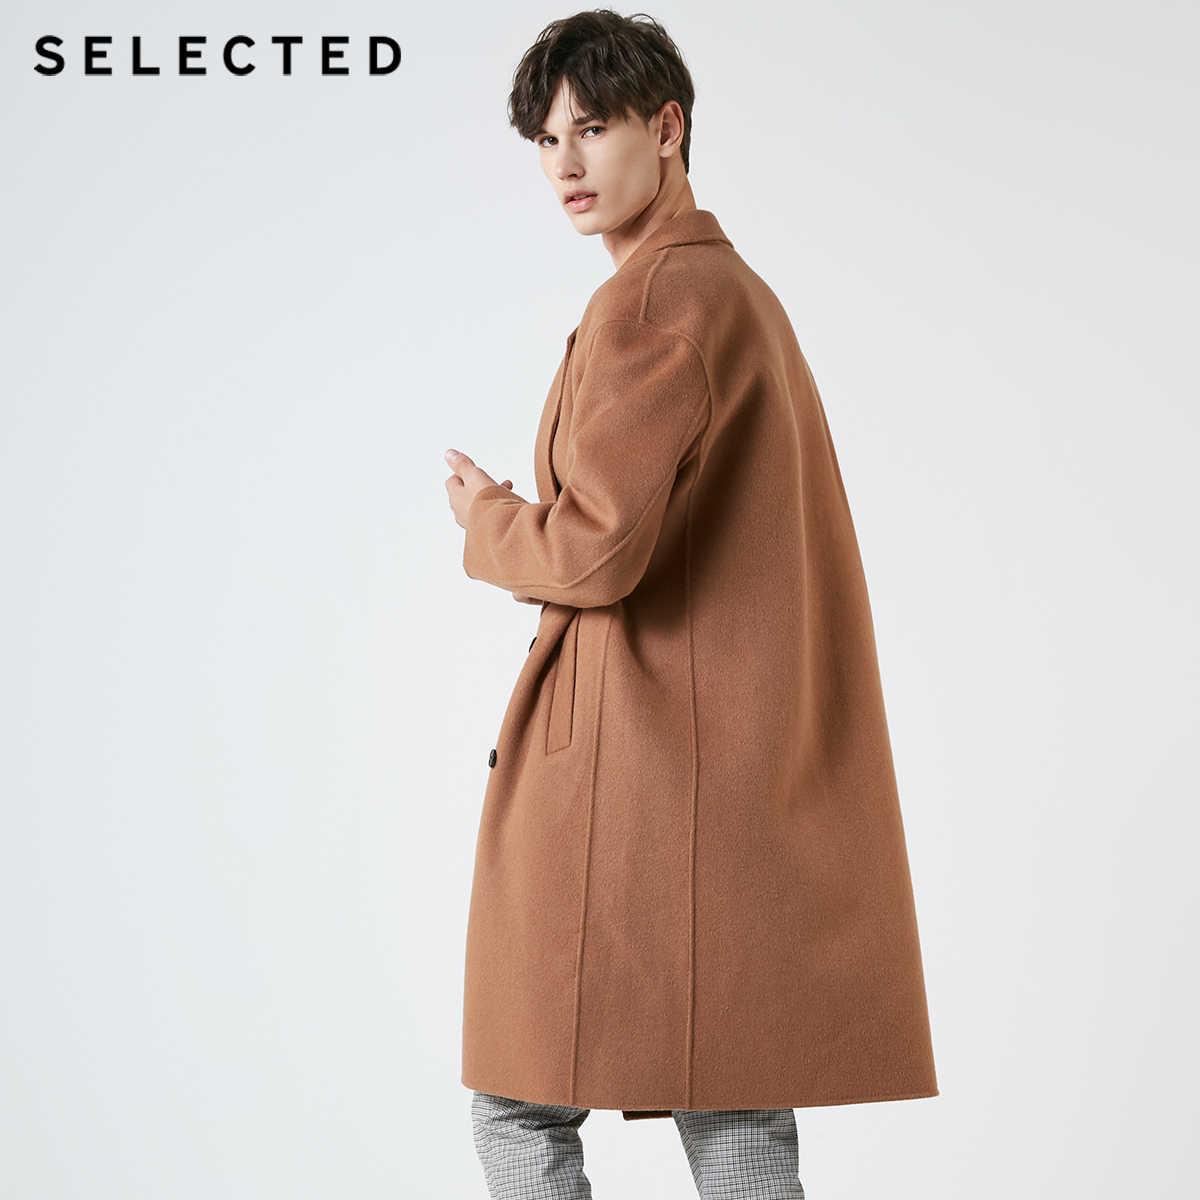 נבחר רטרו גברים חורף סתיו כפול Breaste אמצע ארוך צמר מעיל מעיל | 418427569